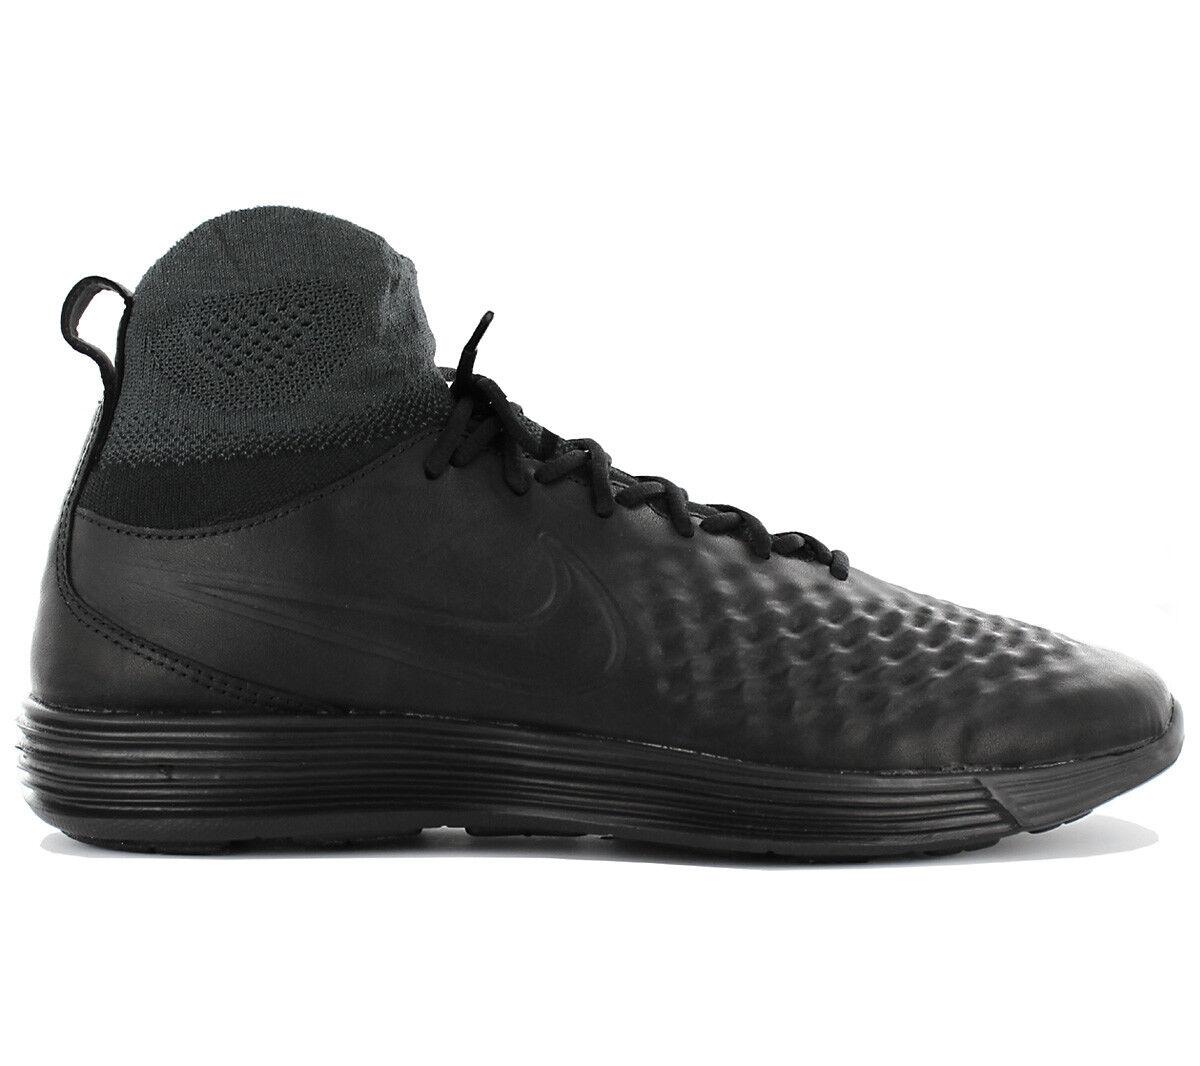 Nike - sneaker sneaker sneaker - mens lunar magista fk flyknit 852614-001 neue schuhe. 2a44e4